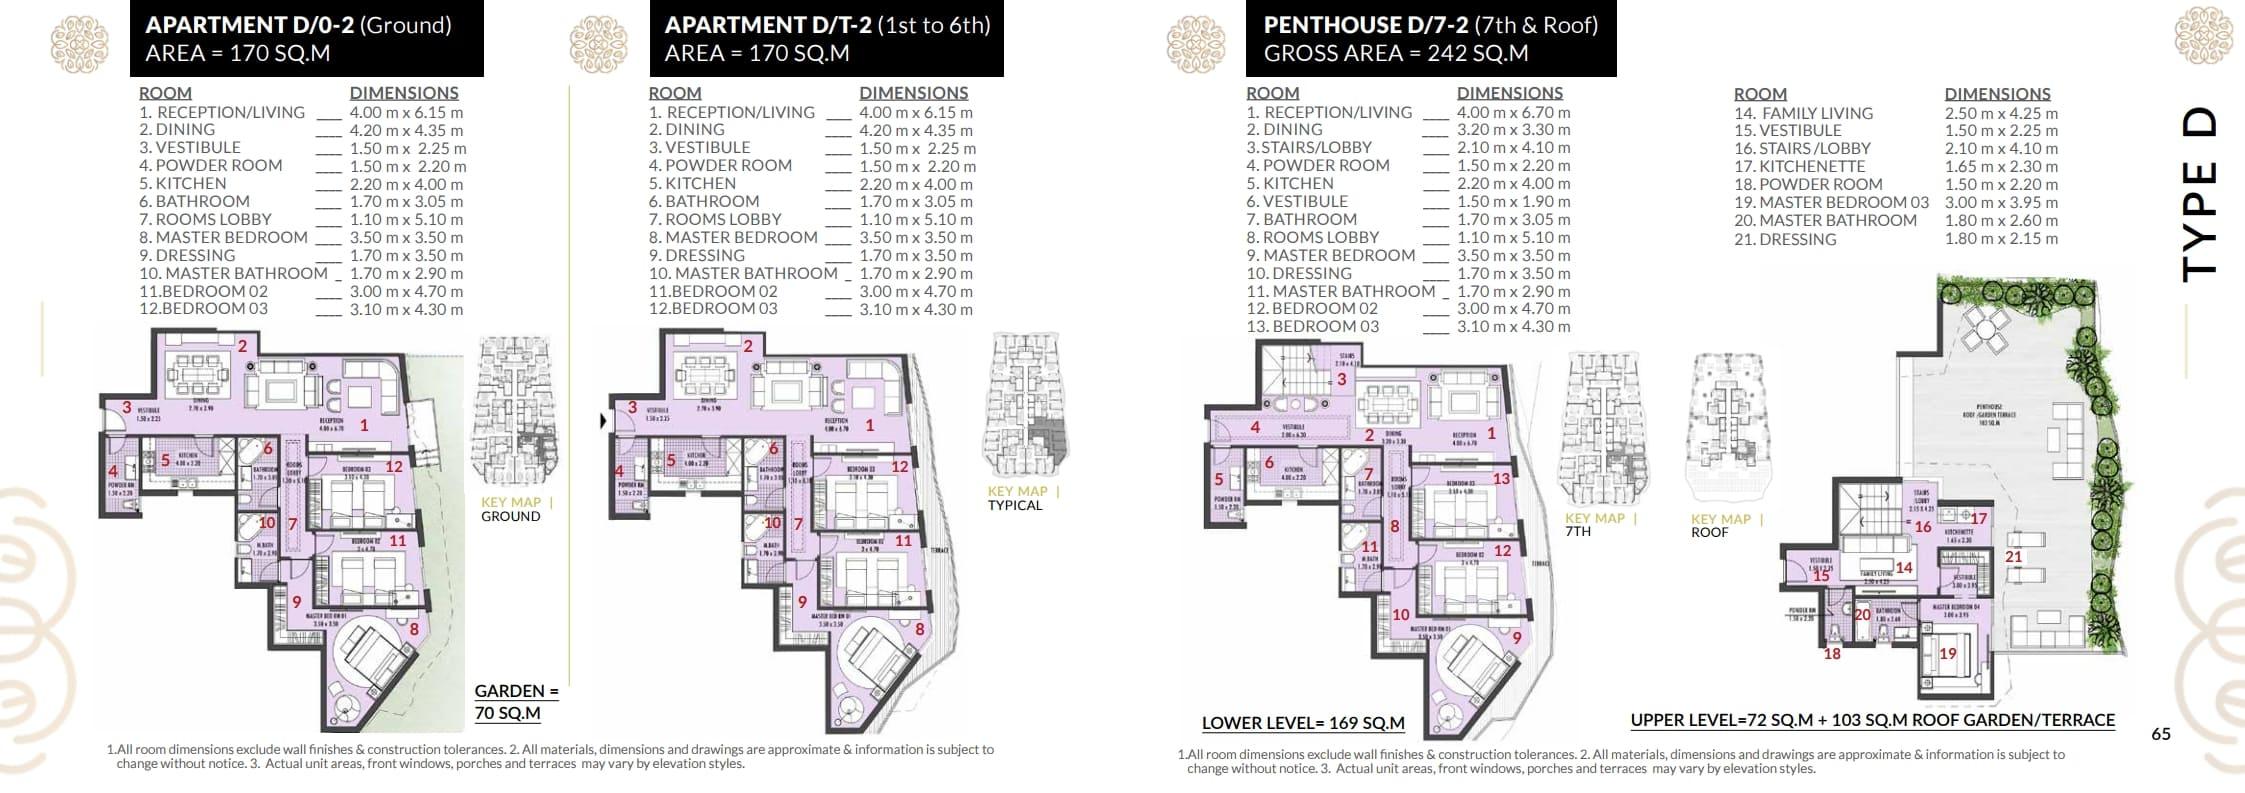 شقة170م للبيع بكمبوند روزس العاصمة الاداريه باقساط تصل ل9سنوات